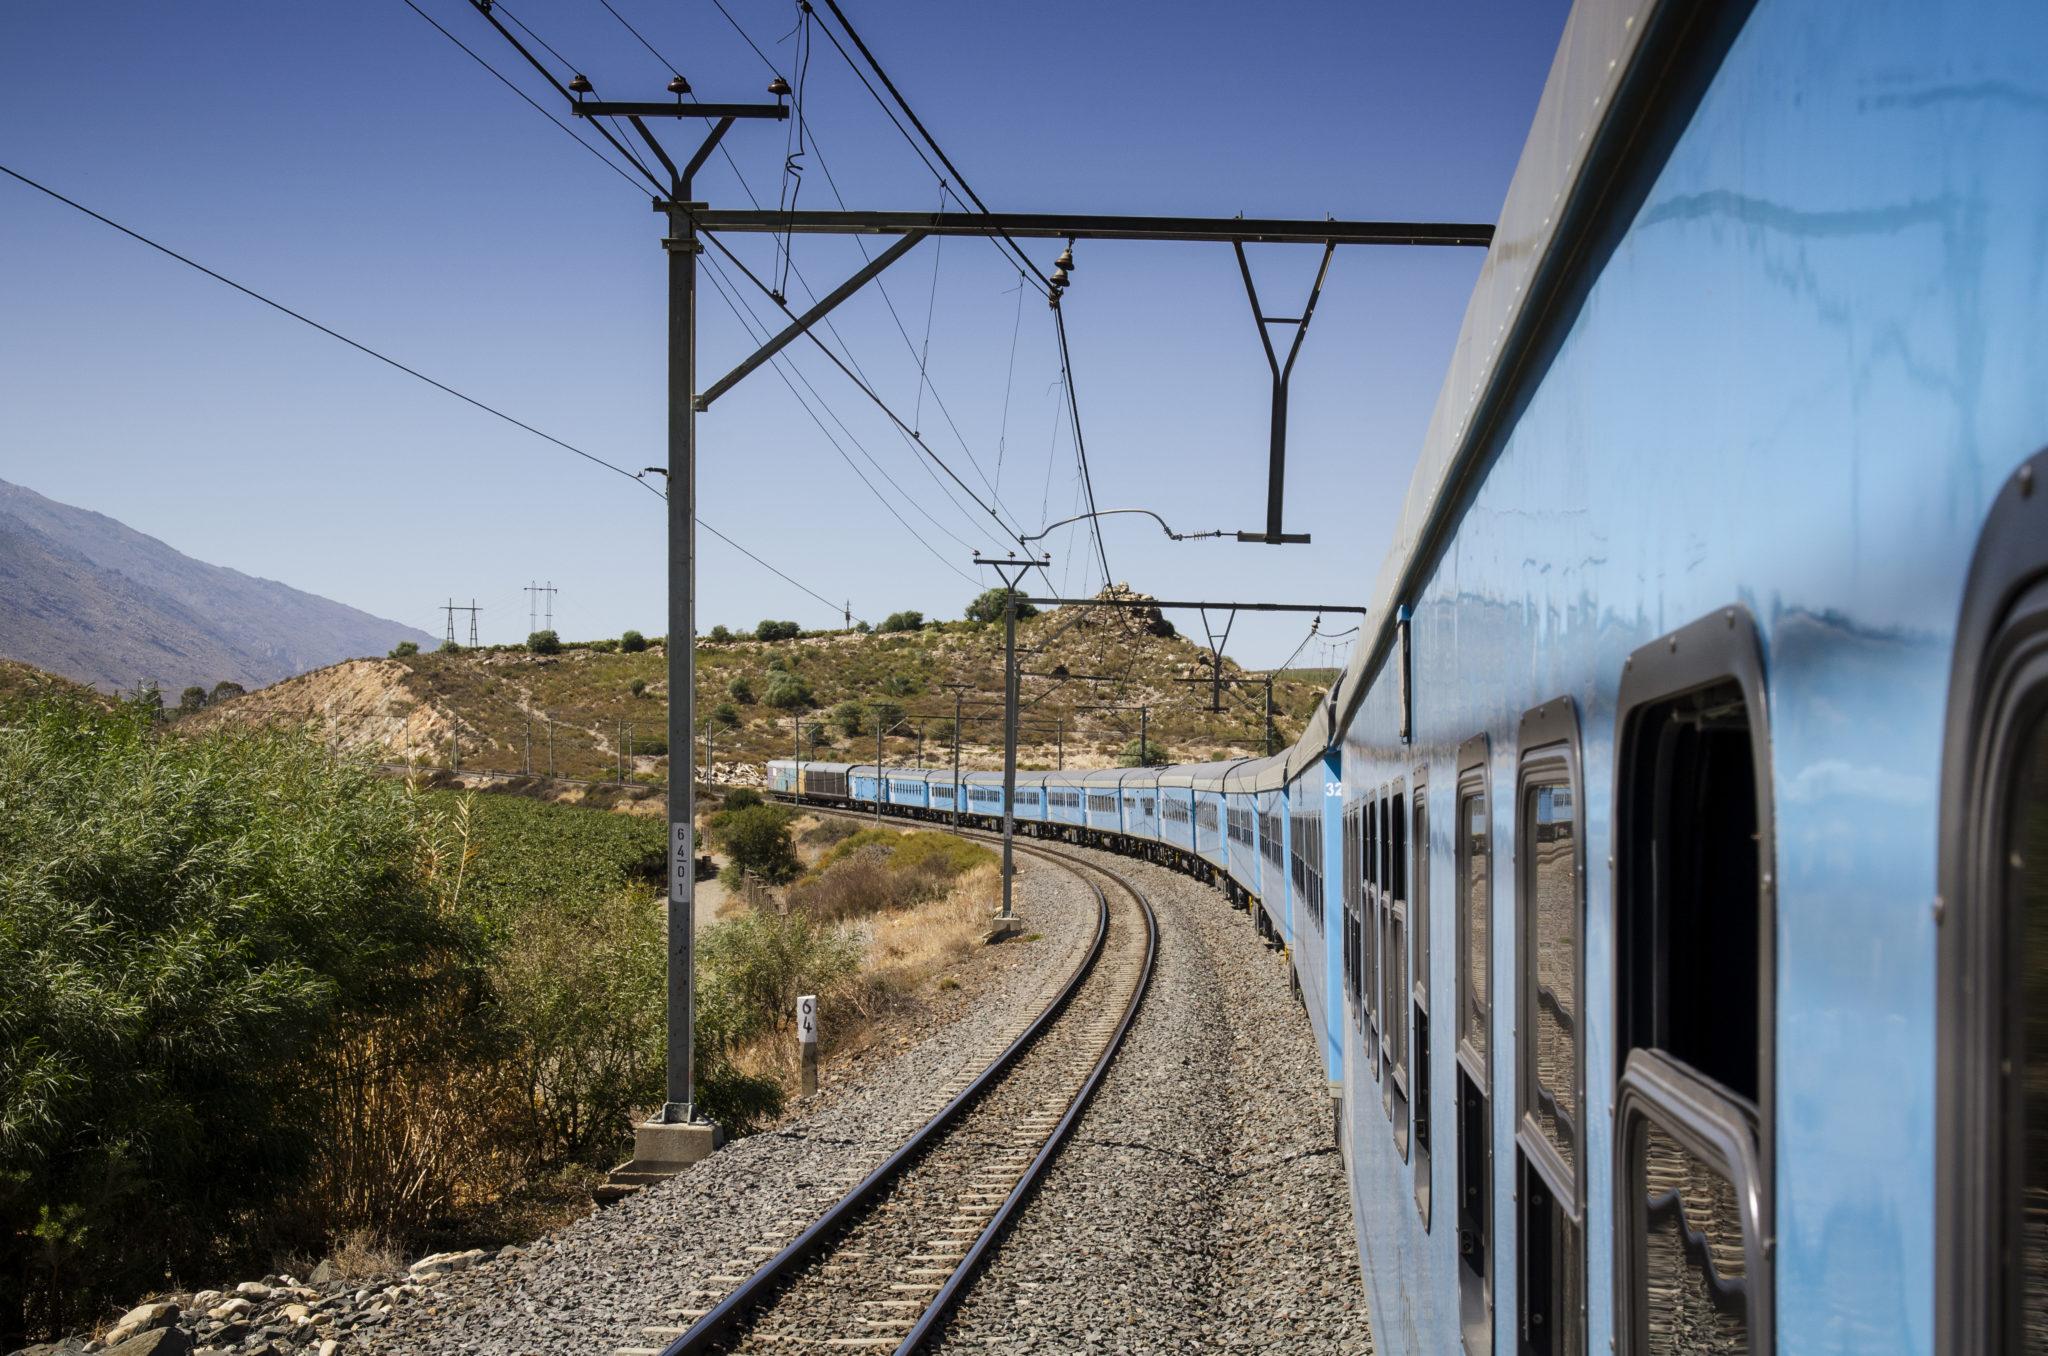 Im Blue Train von Johannesburg nach Kapstadt gilt als geheimer unter den Südafrika Reisetipps